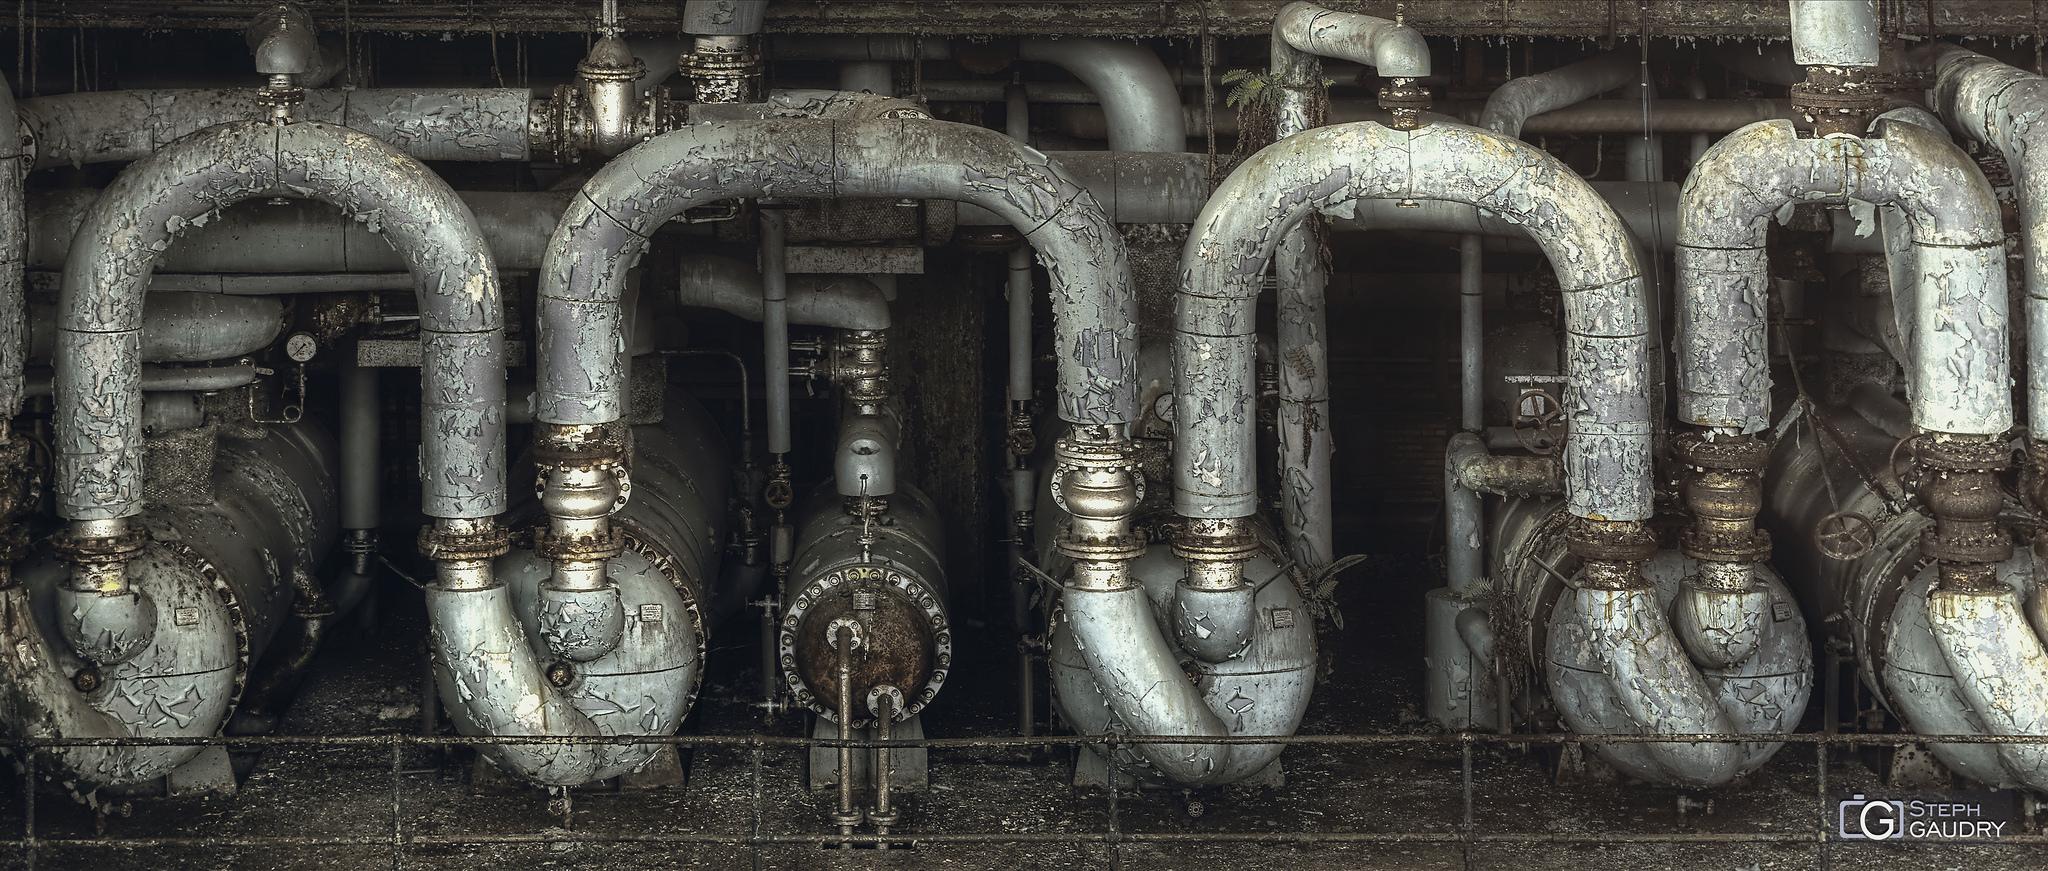 ECVB decayed pipes [Cliquez pour lancer le diaporama]